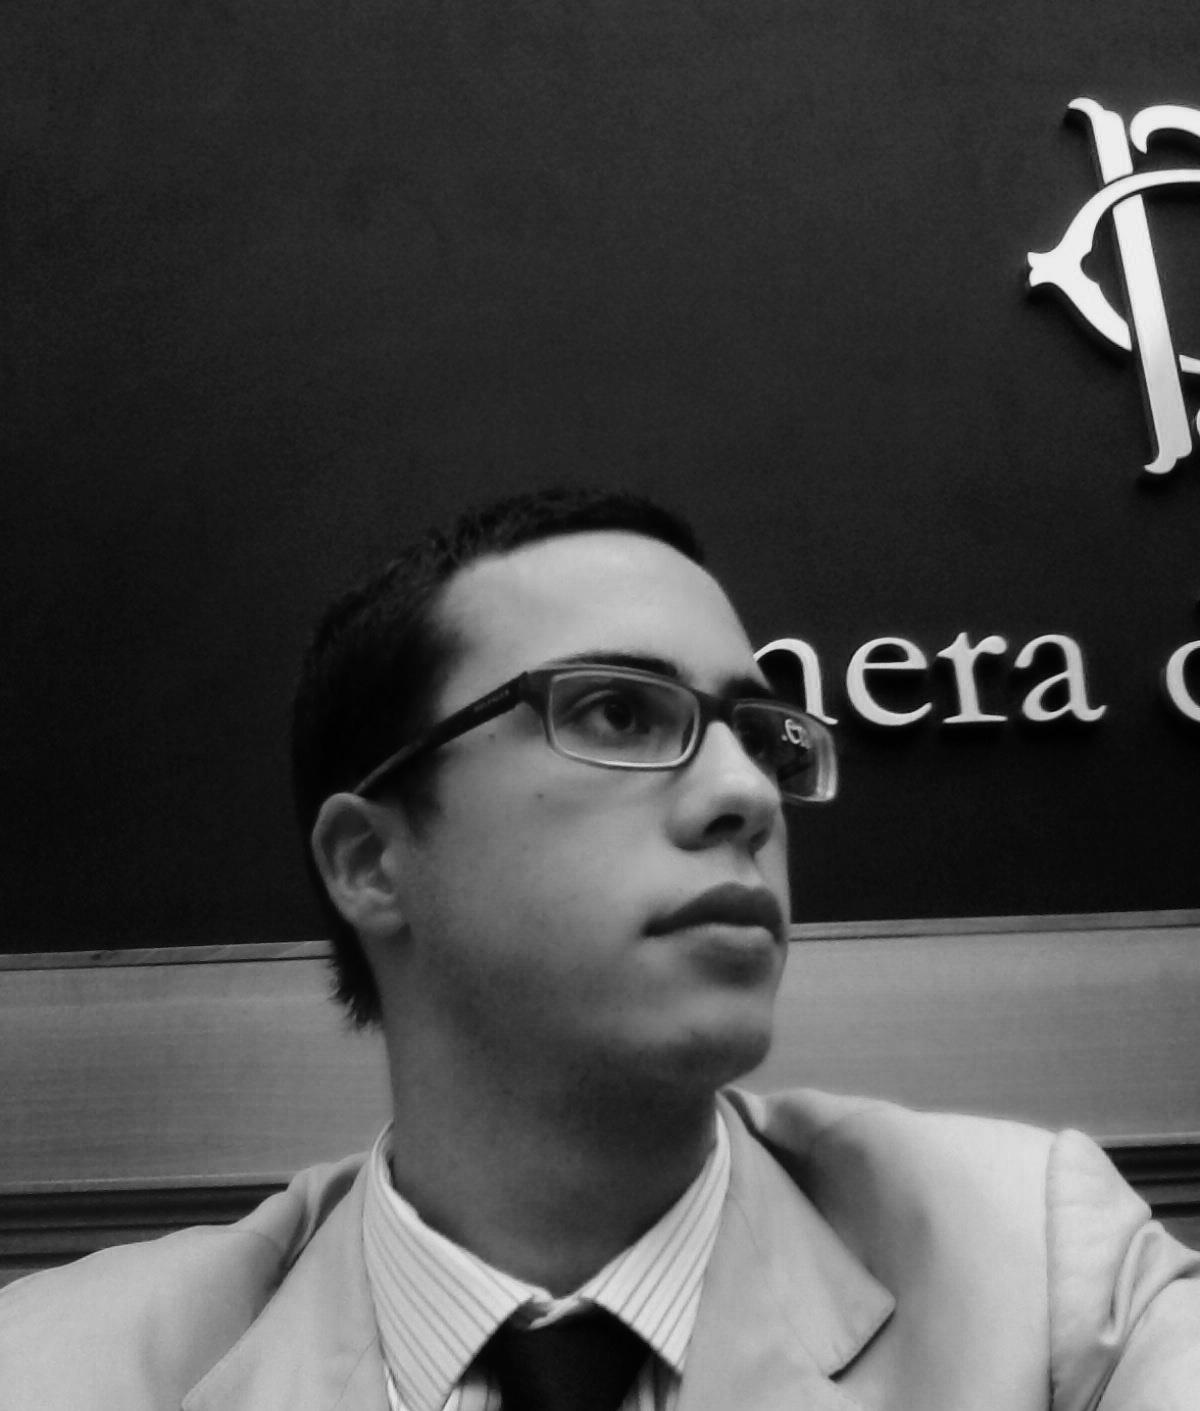 Comunicato Stampa: Pompei Finas regioni che vai scuola che trovi basta annunci spot da parte della ministra Fedeli